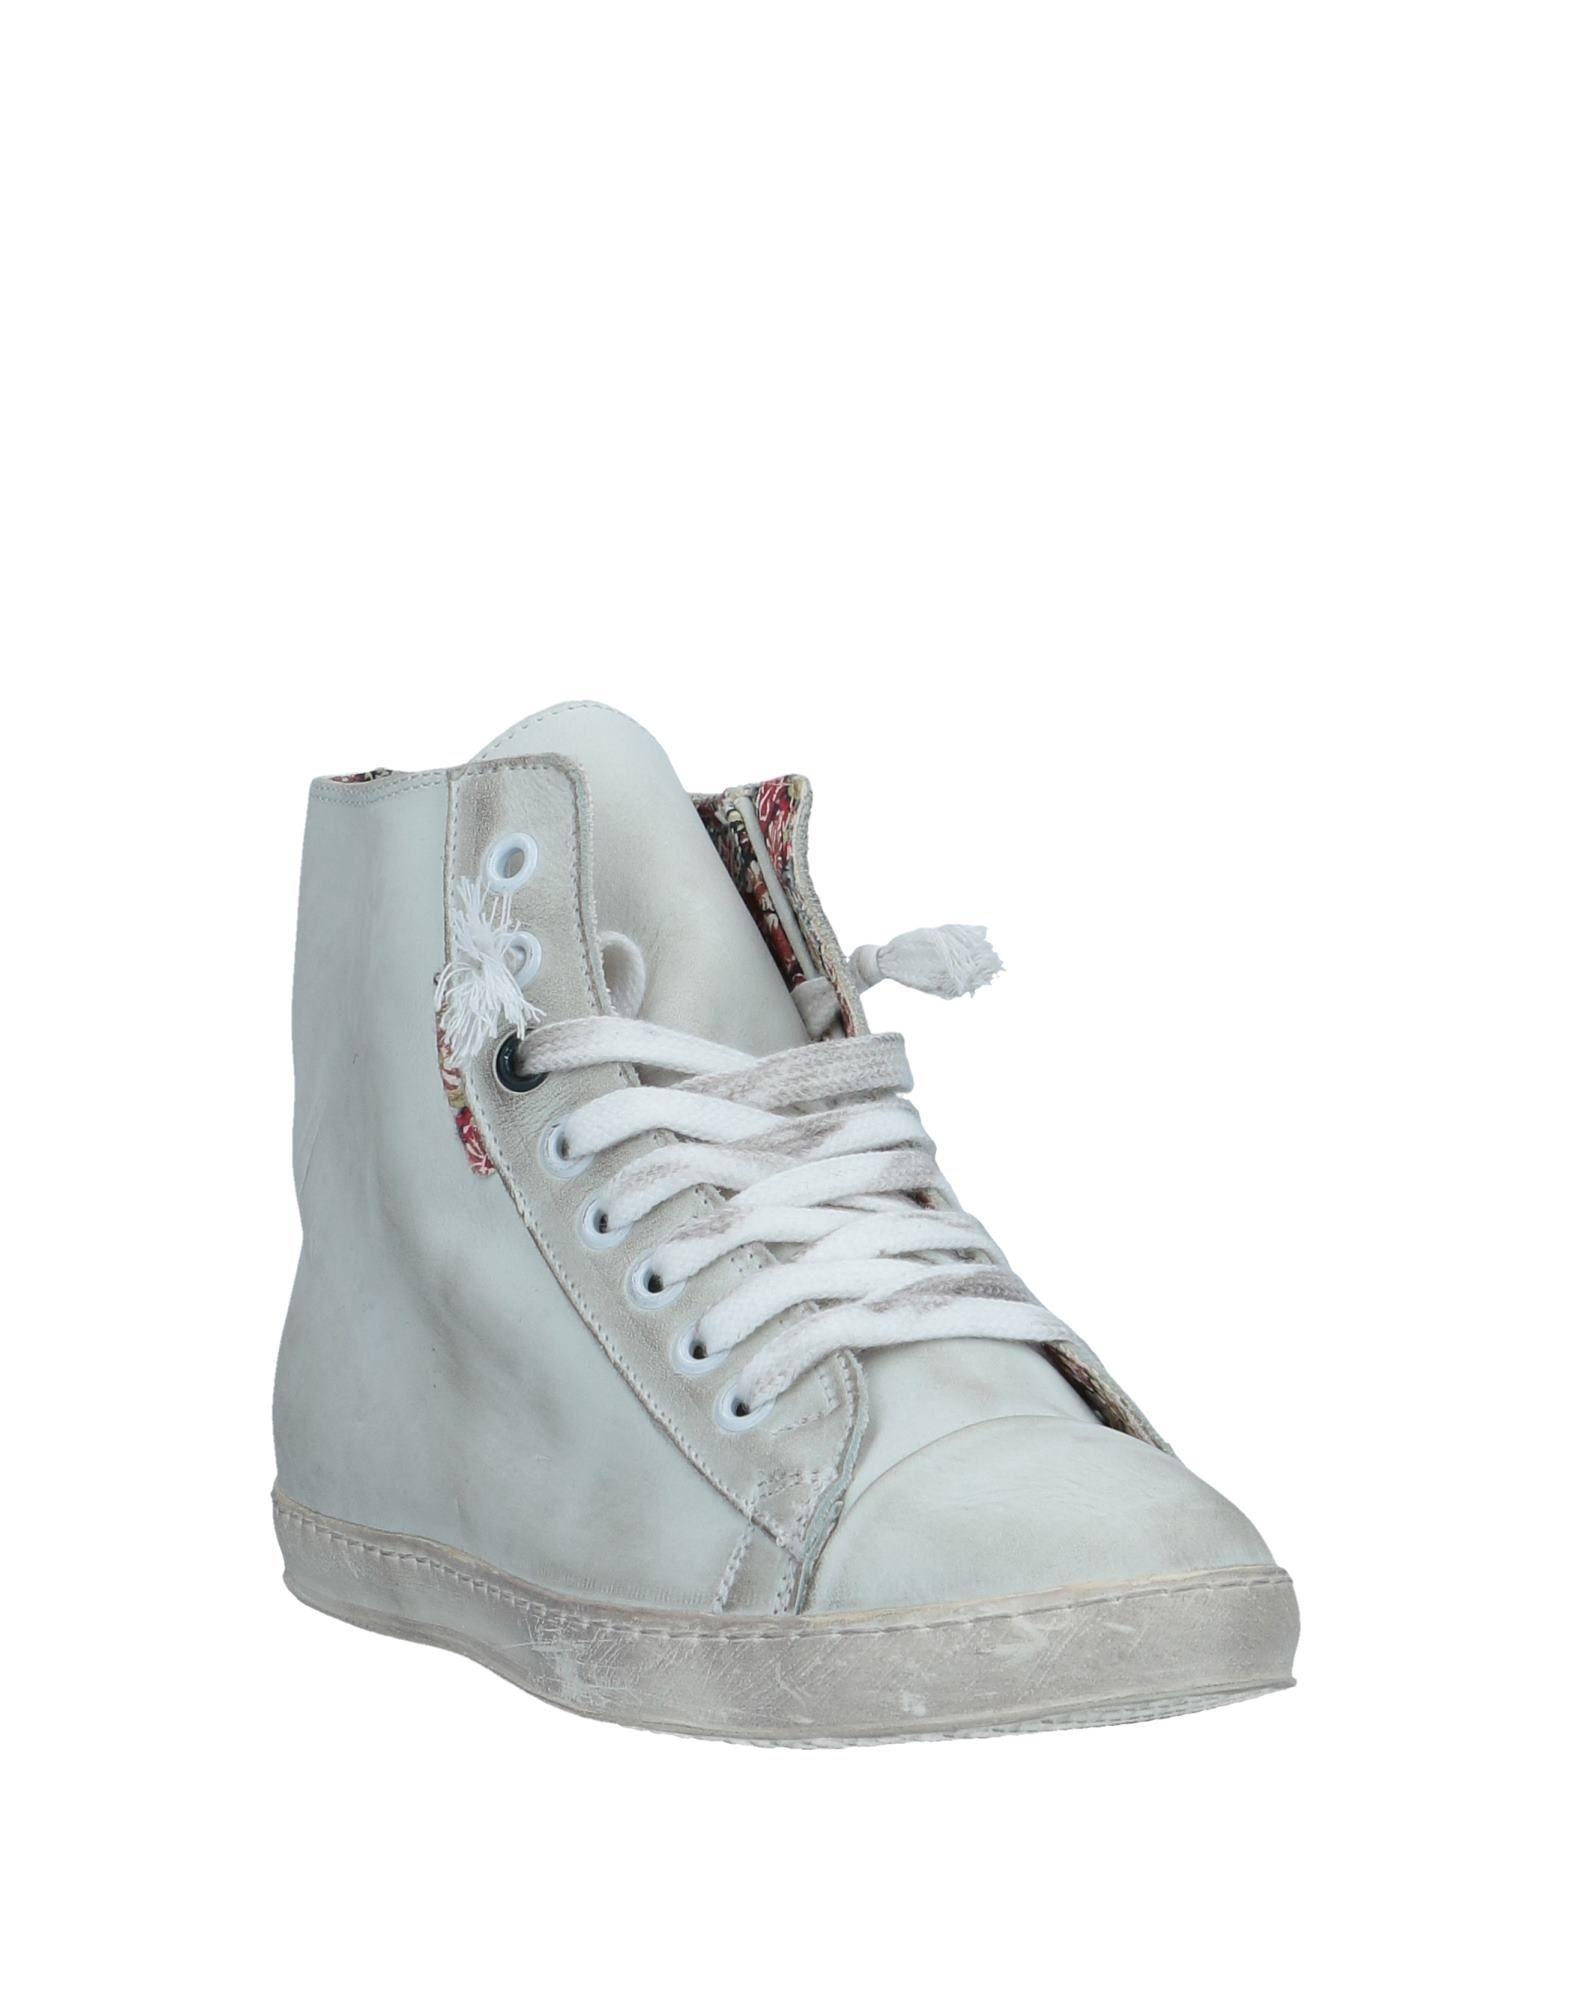 Crown Gute Sneakers Damen  11533063MU Gute Crown Qualität beliebte Schuhe 03e0d6